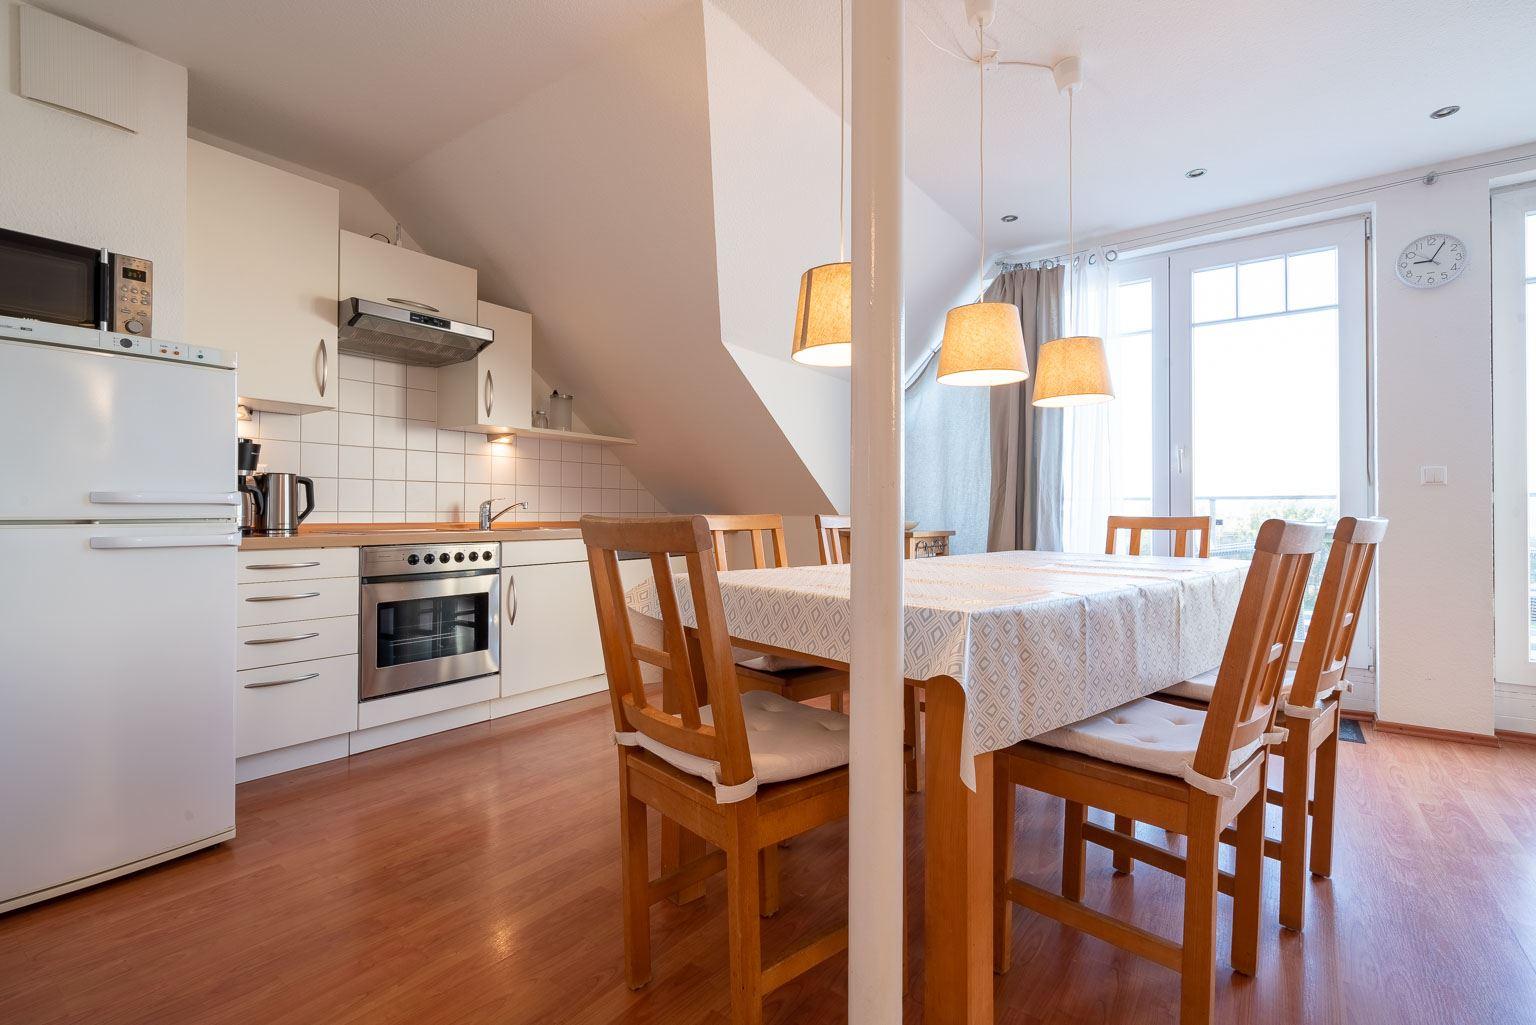 """Haus Zum Böhler Strand 10, Wohnung 11 """"Barghahn"""" (ID 365) - Essbereich und Küche"""